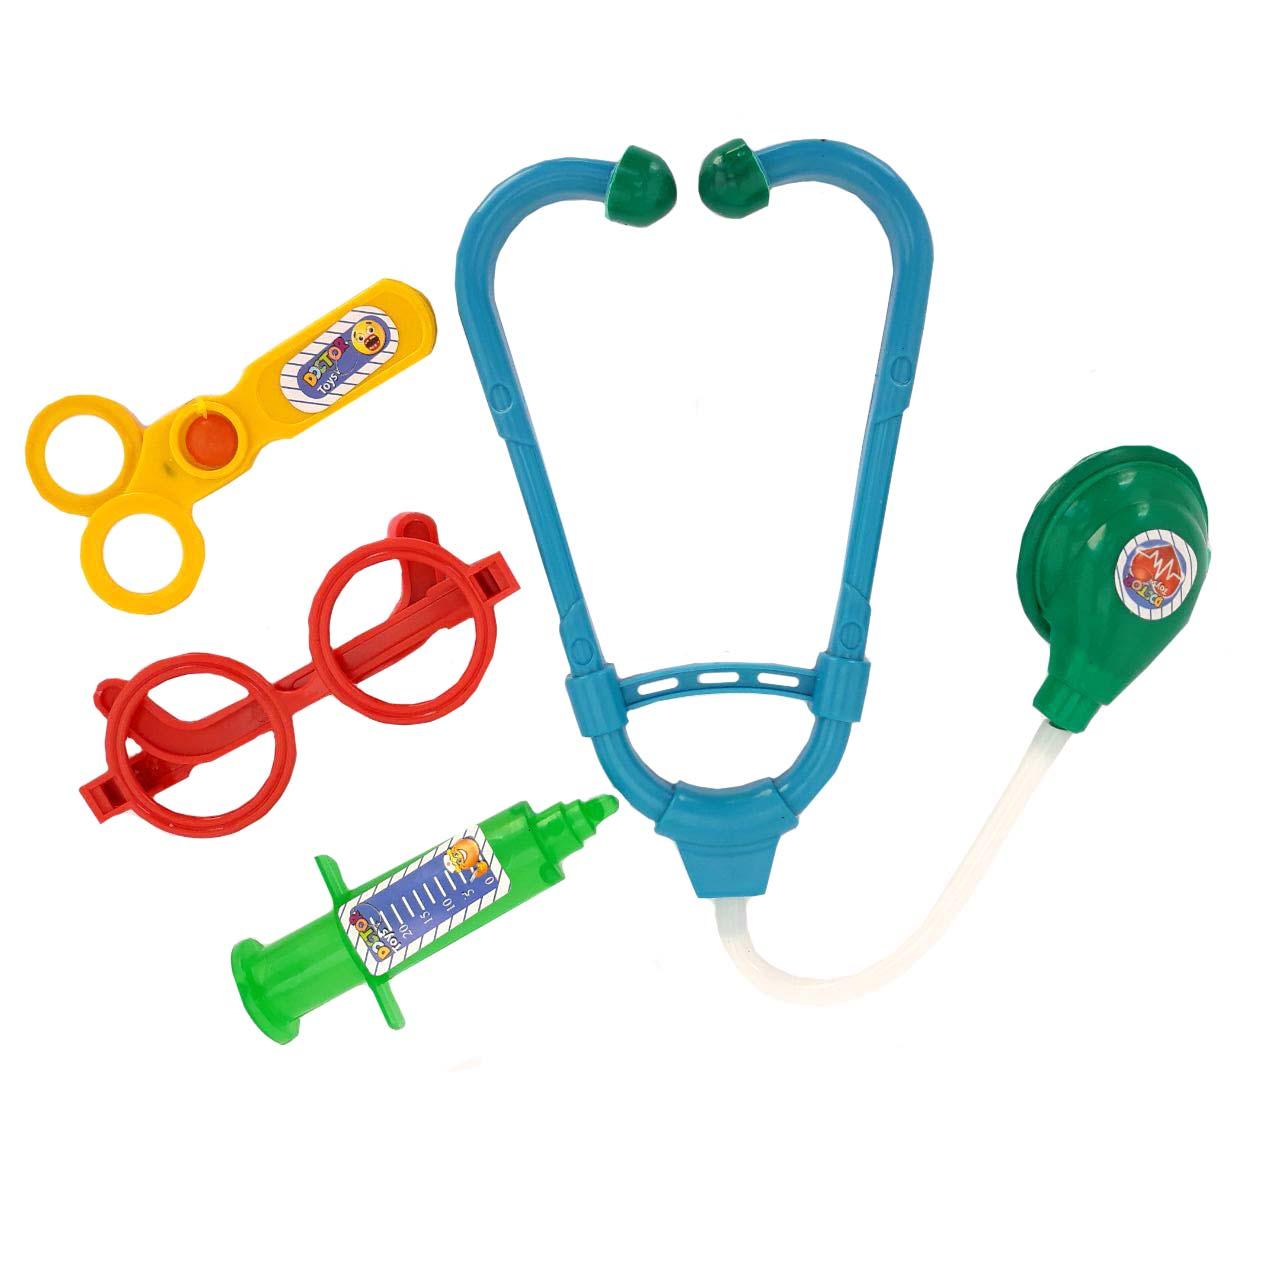 ست اسباب بازی تجهیزات پزشکی کد B110